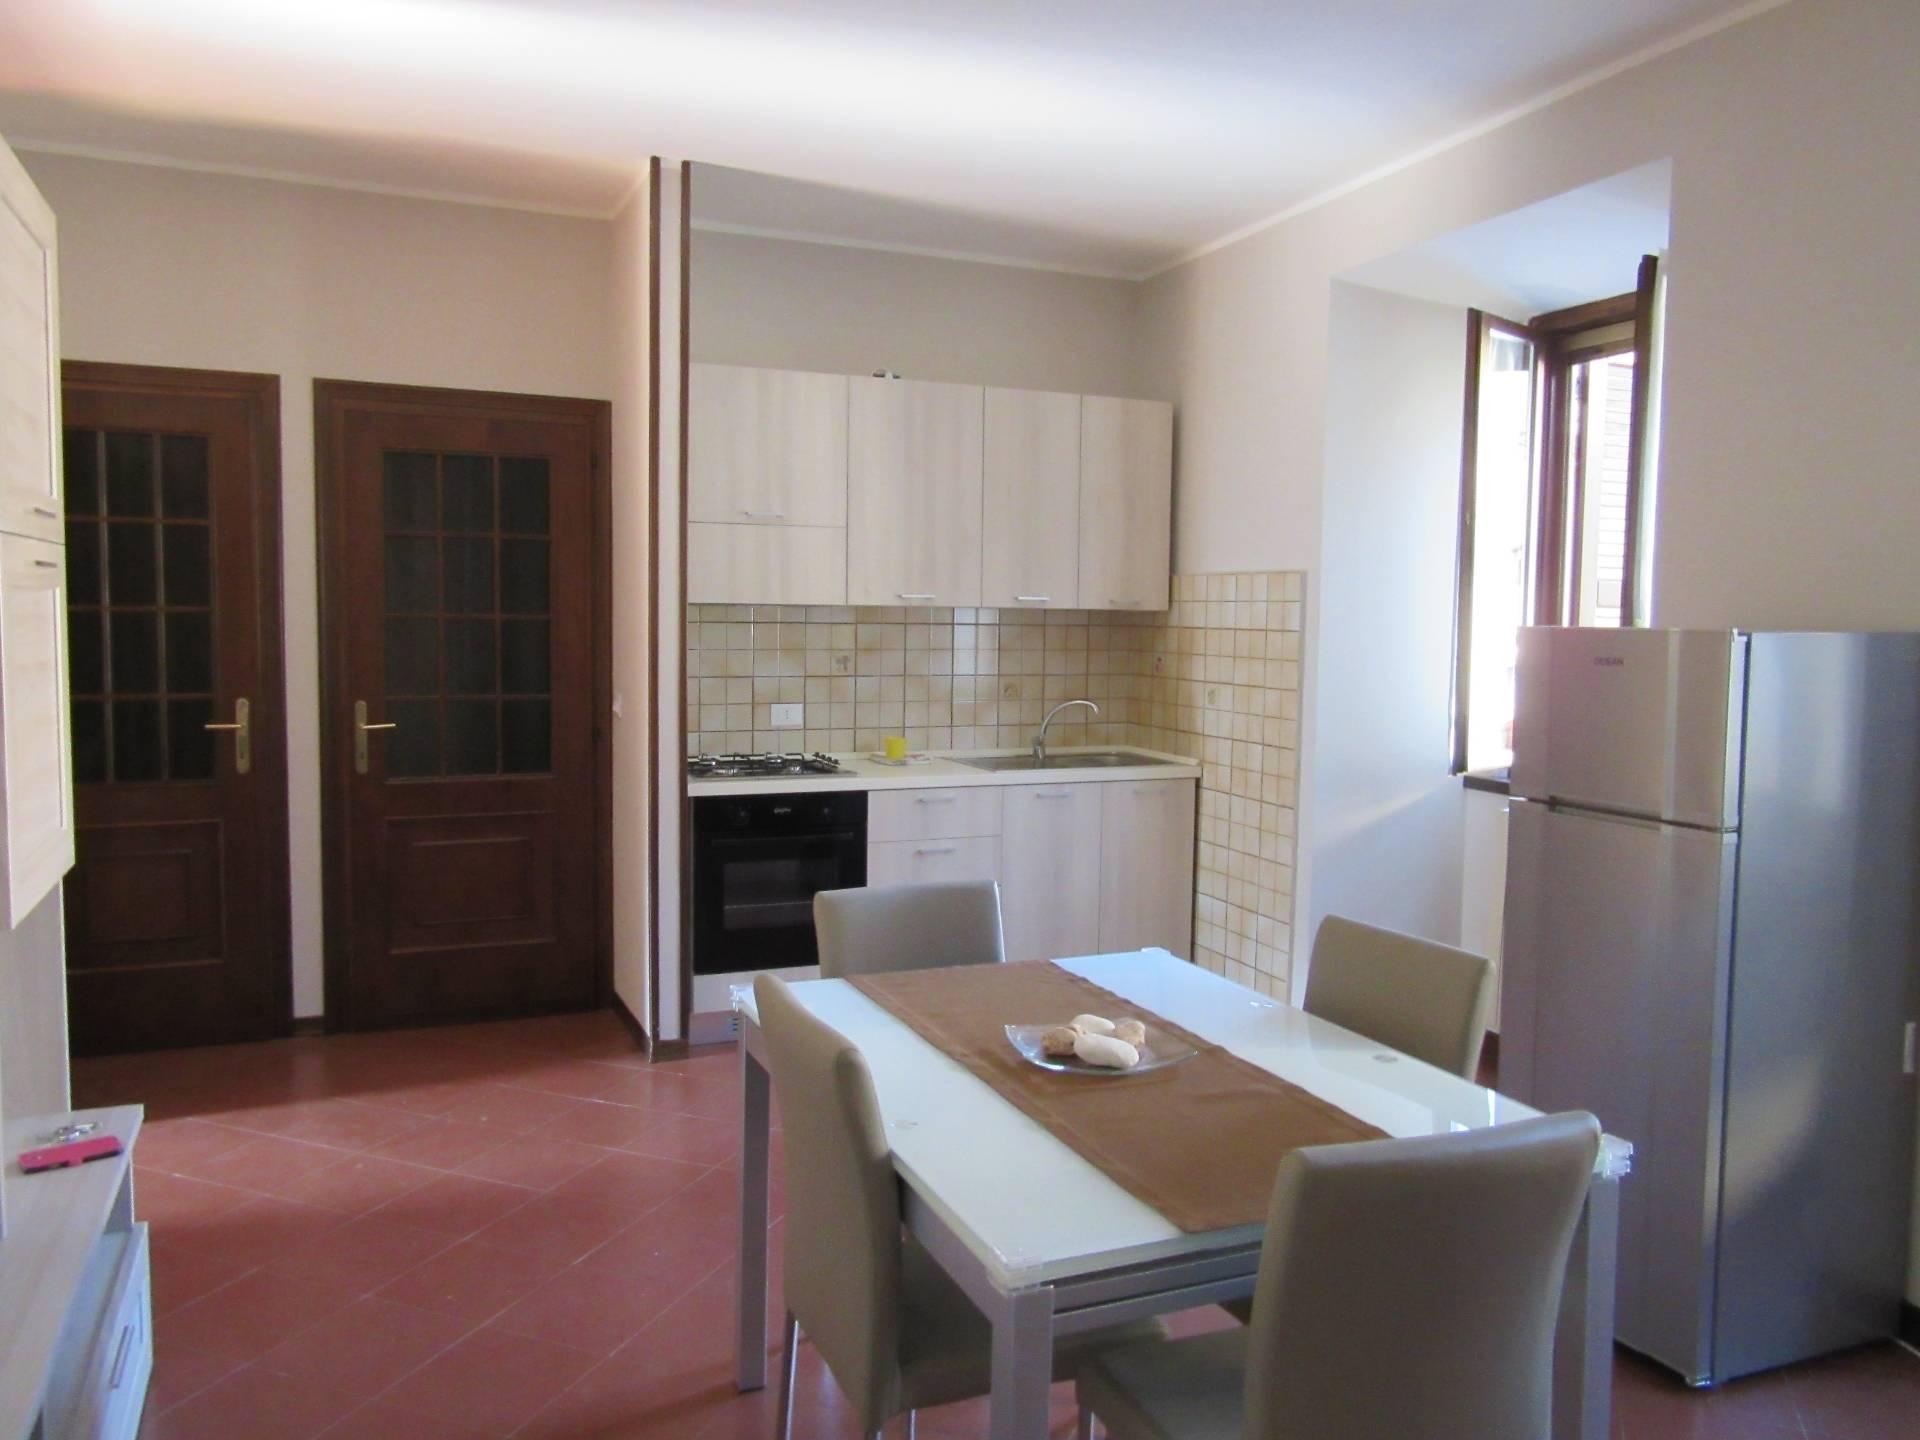 Appartamento in affitto a Villa Carcina, 2 locali, zona Zona: Villa, prezzo € 500 | CambioCasa.it